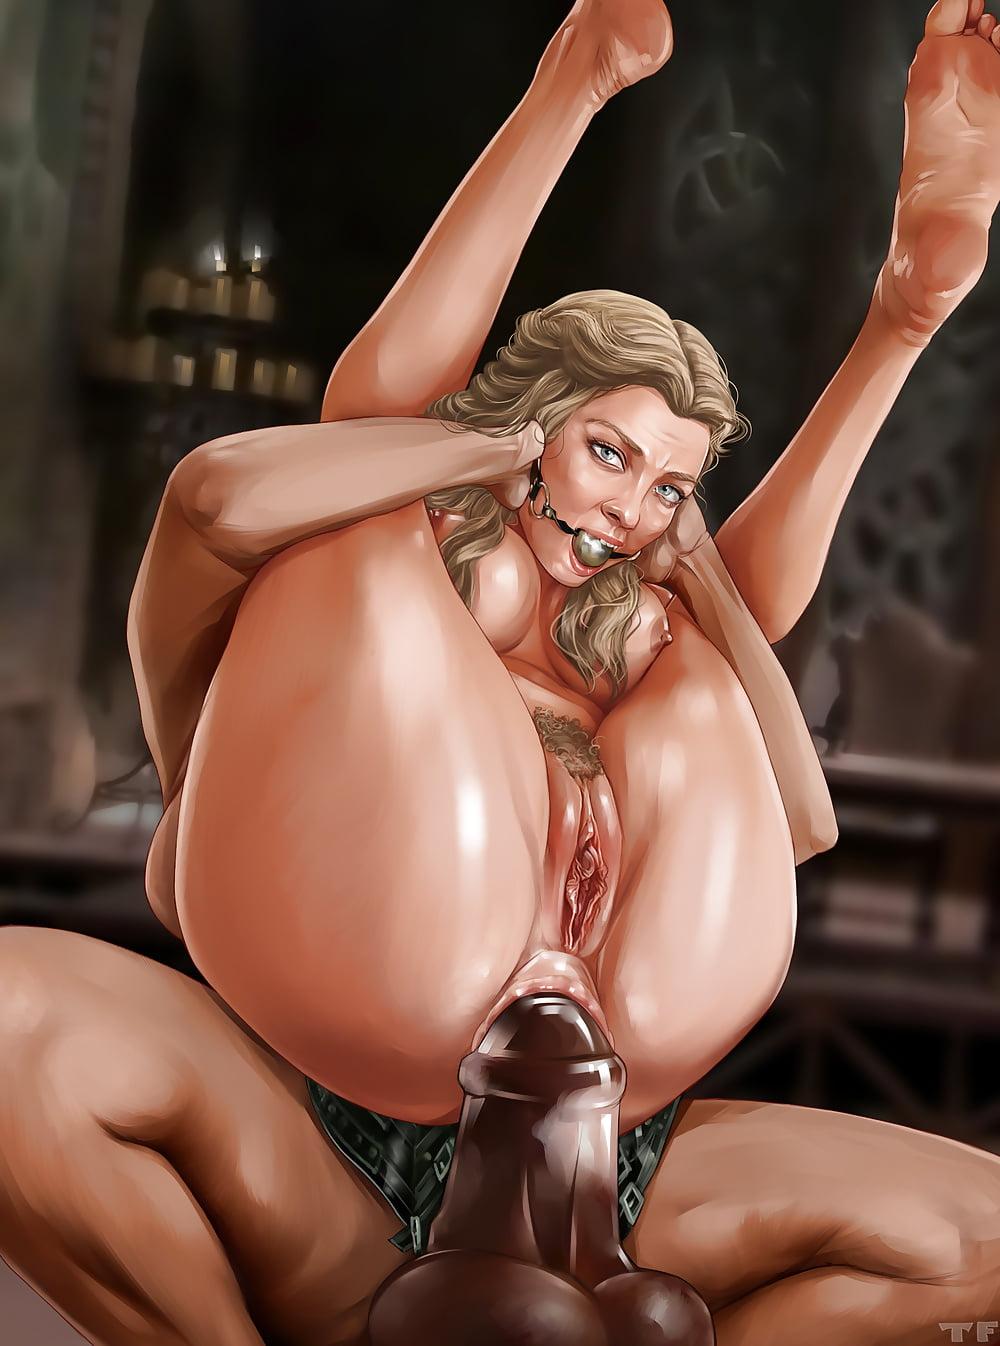 Арт порно играм